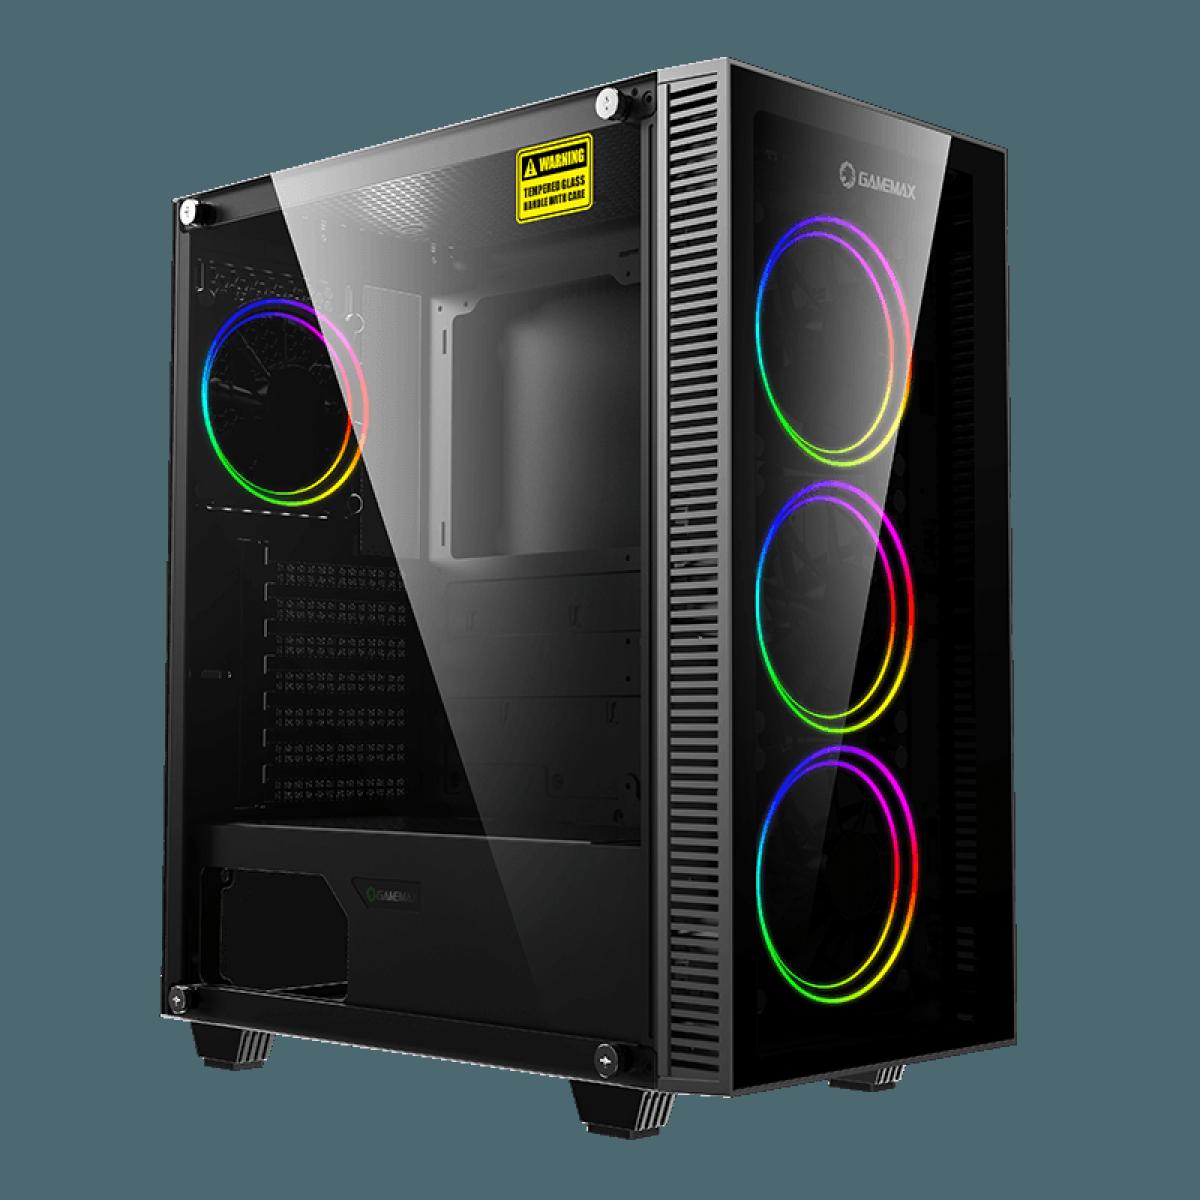 Gabinete Gamer Gamemax Draco XD, Mid Tower, Vidro Temperado, RGB, Black, ATX, Sem Fonte, Com 3 Fans, 3603